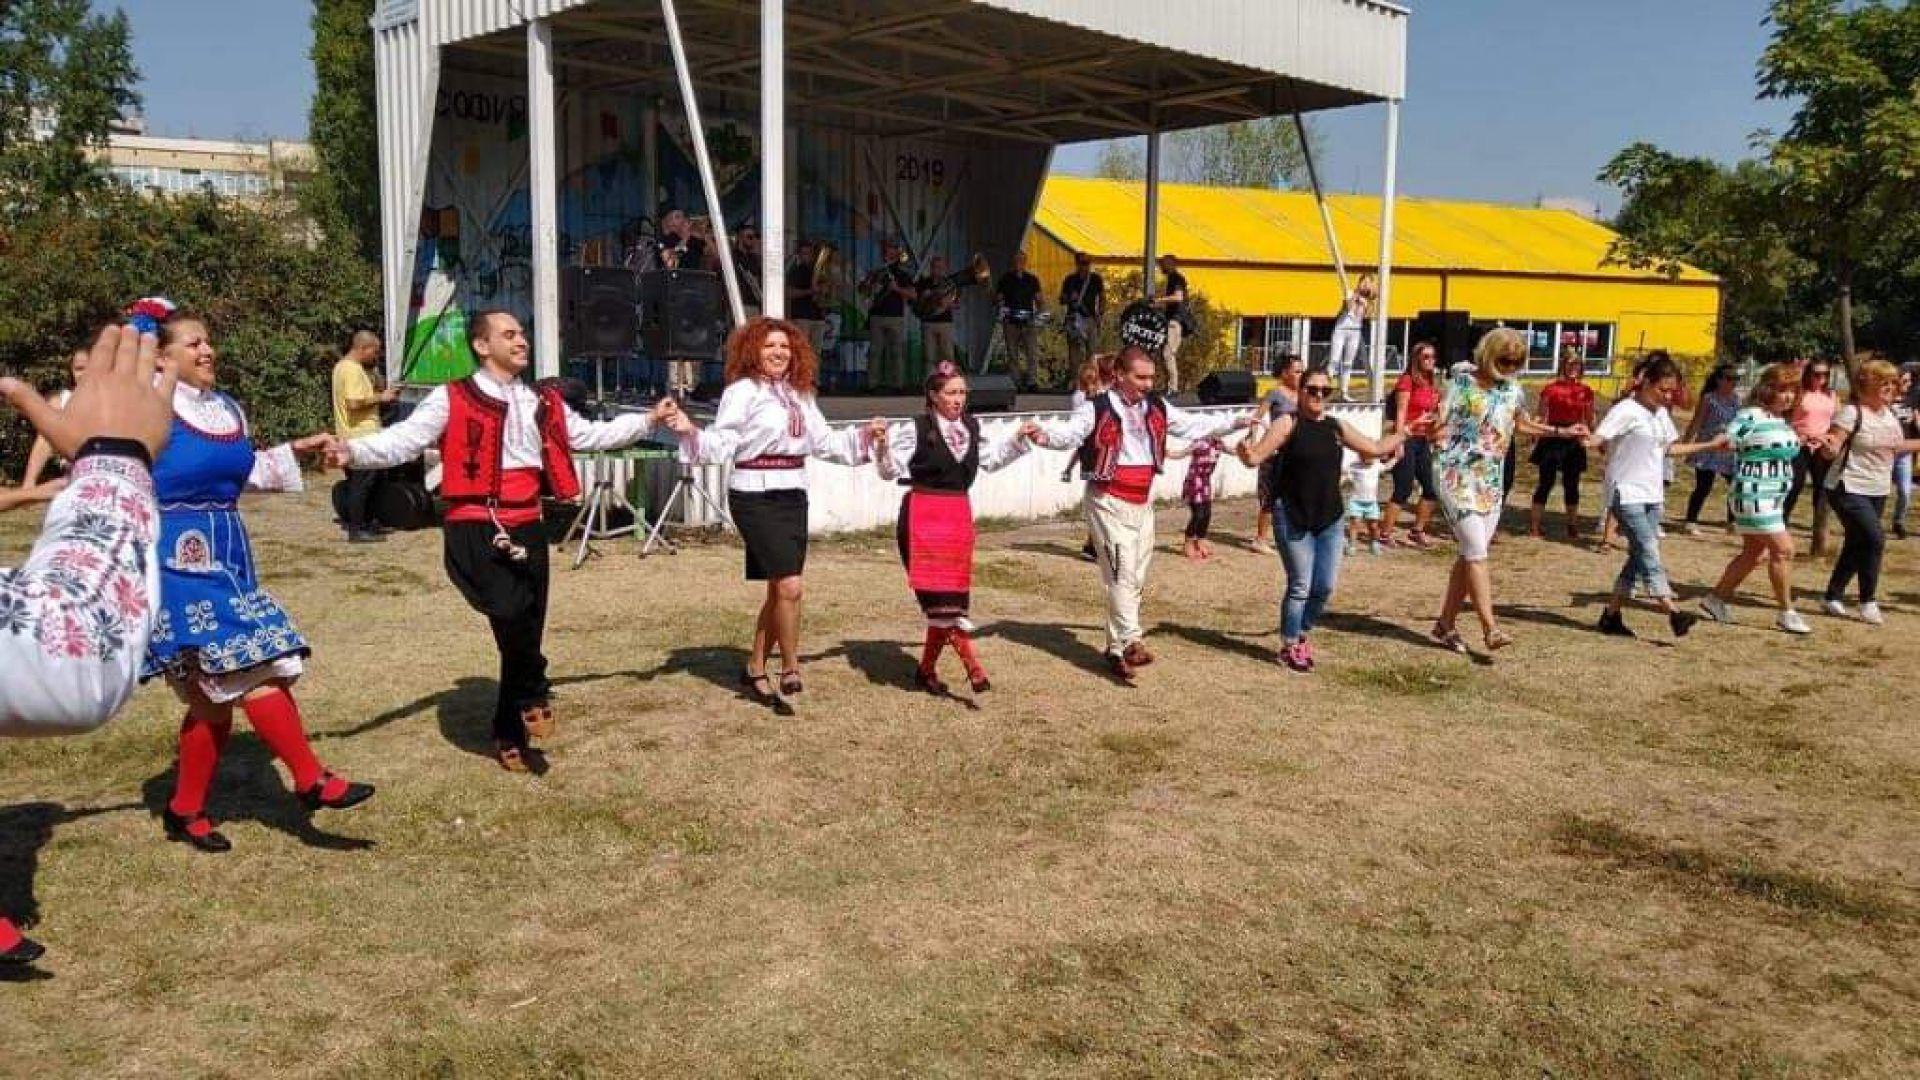 Представители на различни певчески и танцови клубове от квартала се